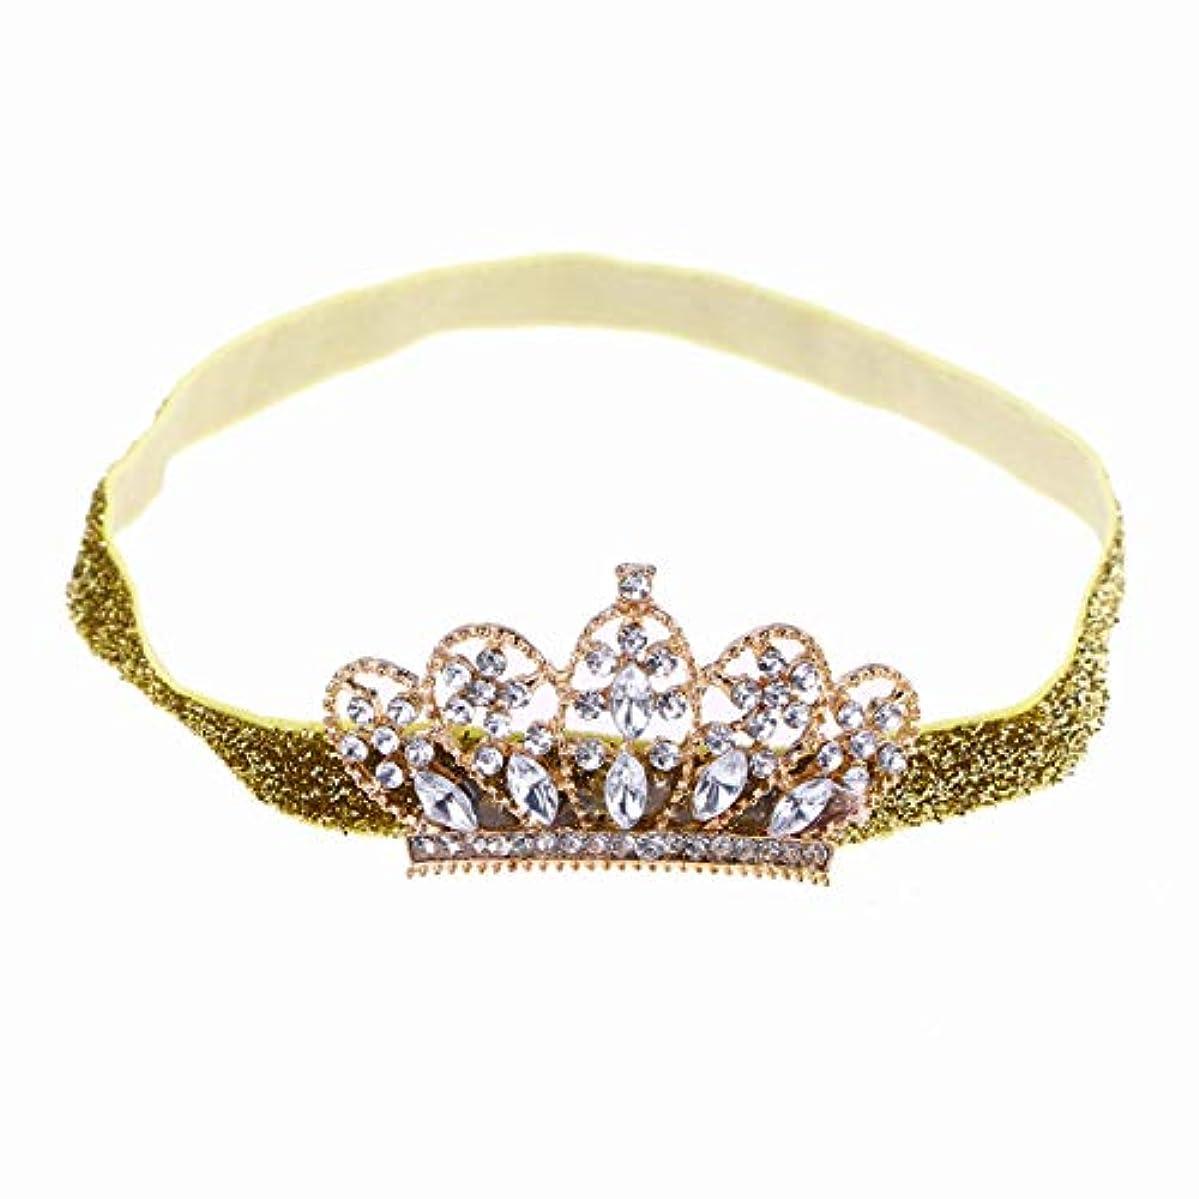 はちみつはちみつメトリックBeaupretty Baby Girls Rhinestone Crown Headband Elastic Tiara Hairband Headdress